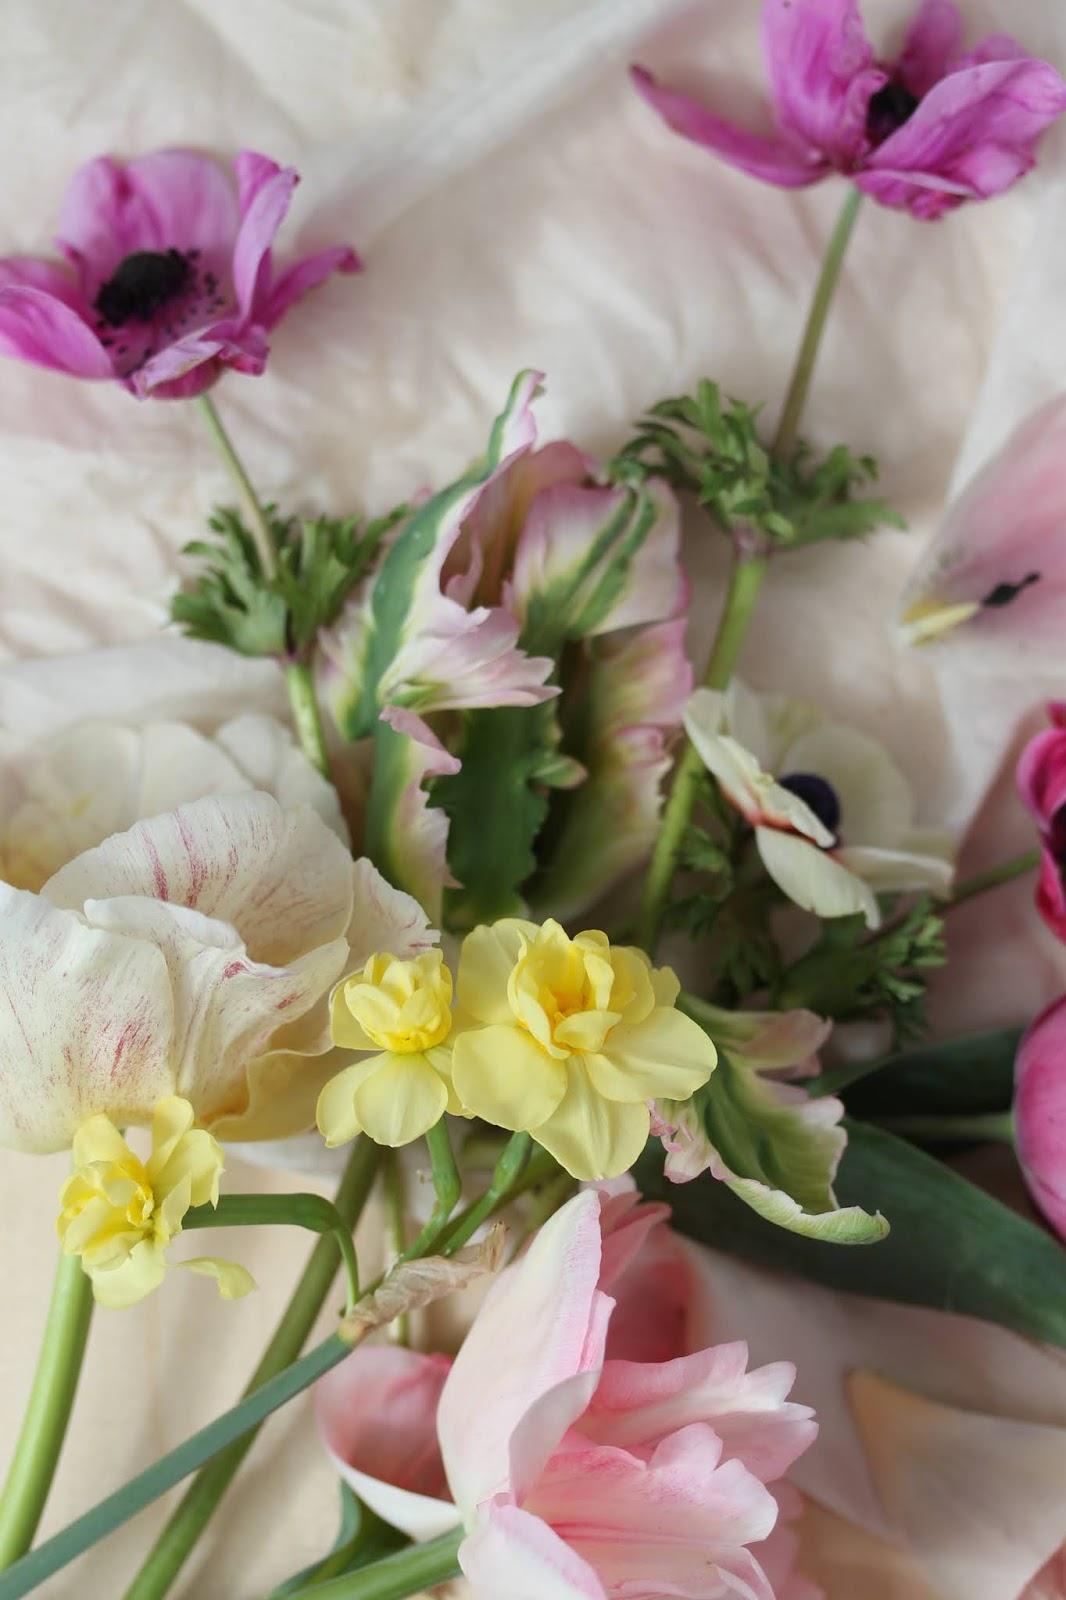 Macro_flowers_4